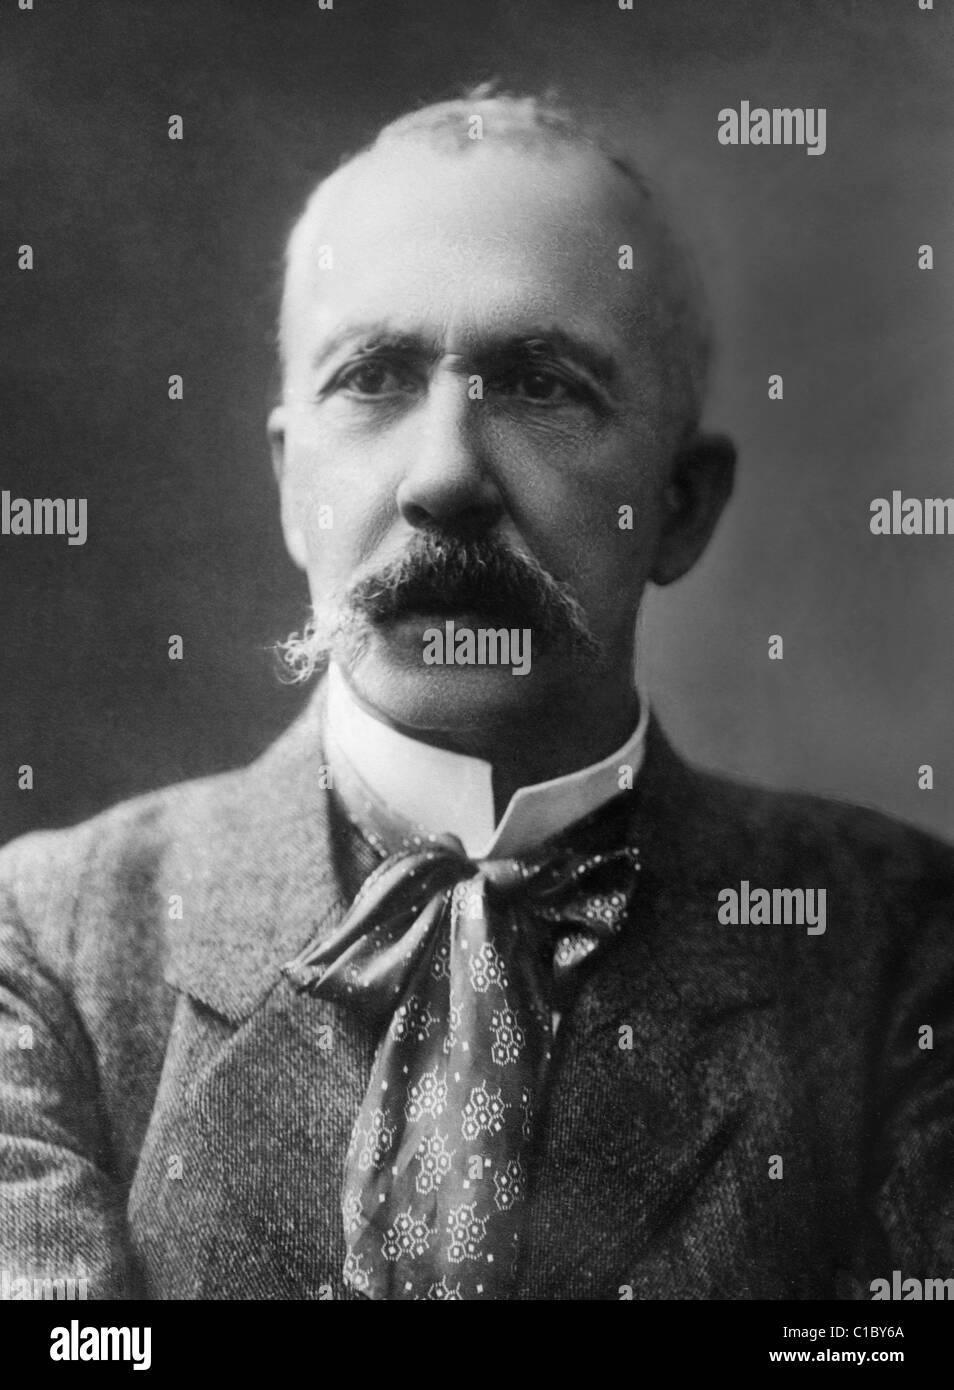 Französischer Physiologe Charles Richet (1850-1935) - Sieger des Nobelpreises in der Physiologie oder Medizin Stockbild